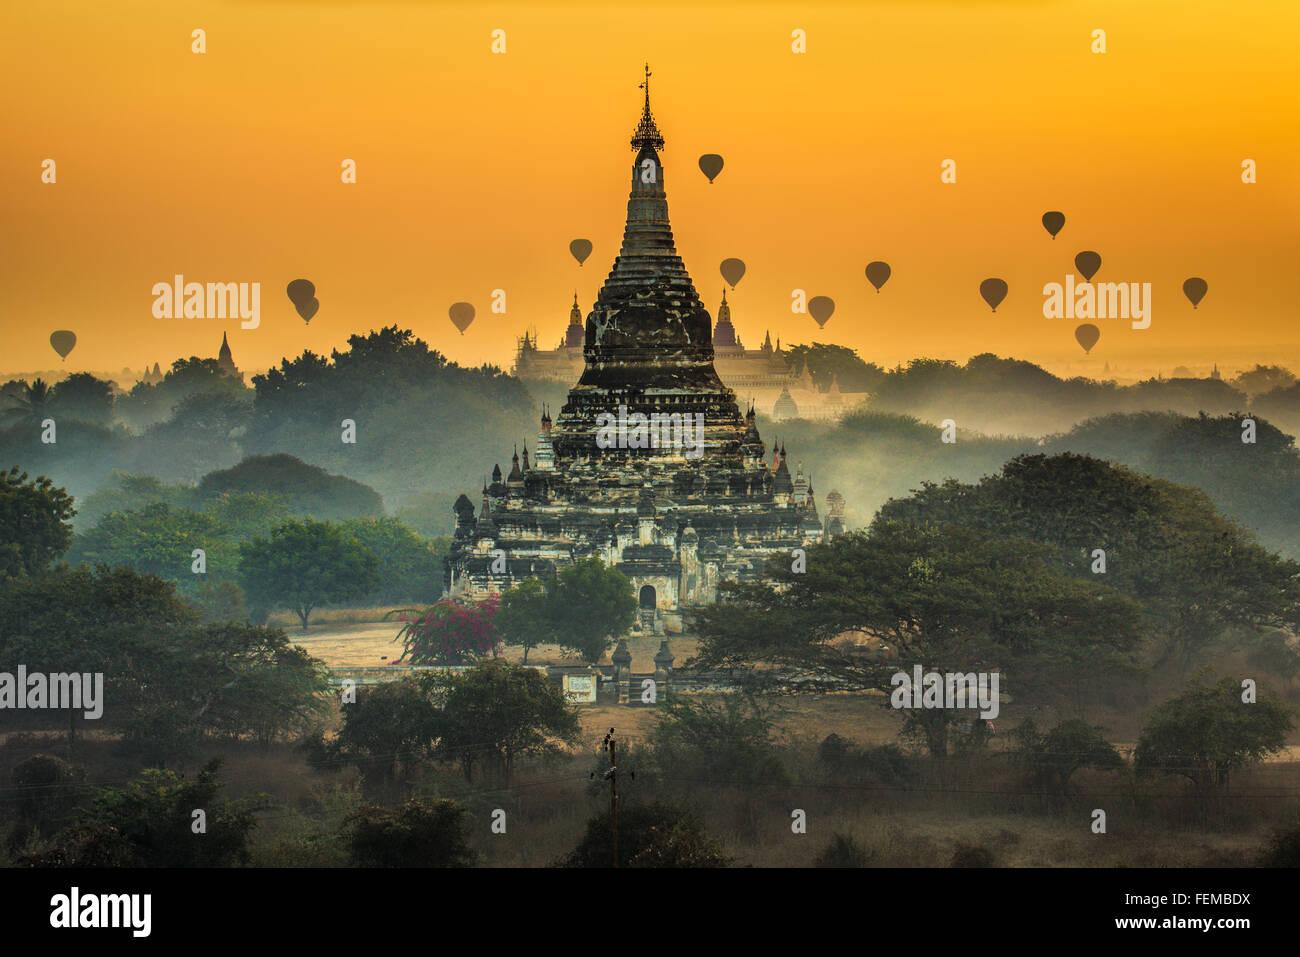 Malerischen Sonnenaufgang mit vielen Heißluftballons über Bagan in Myanmar Stockbild